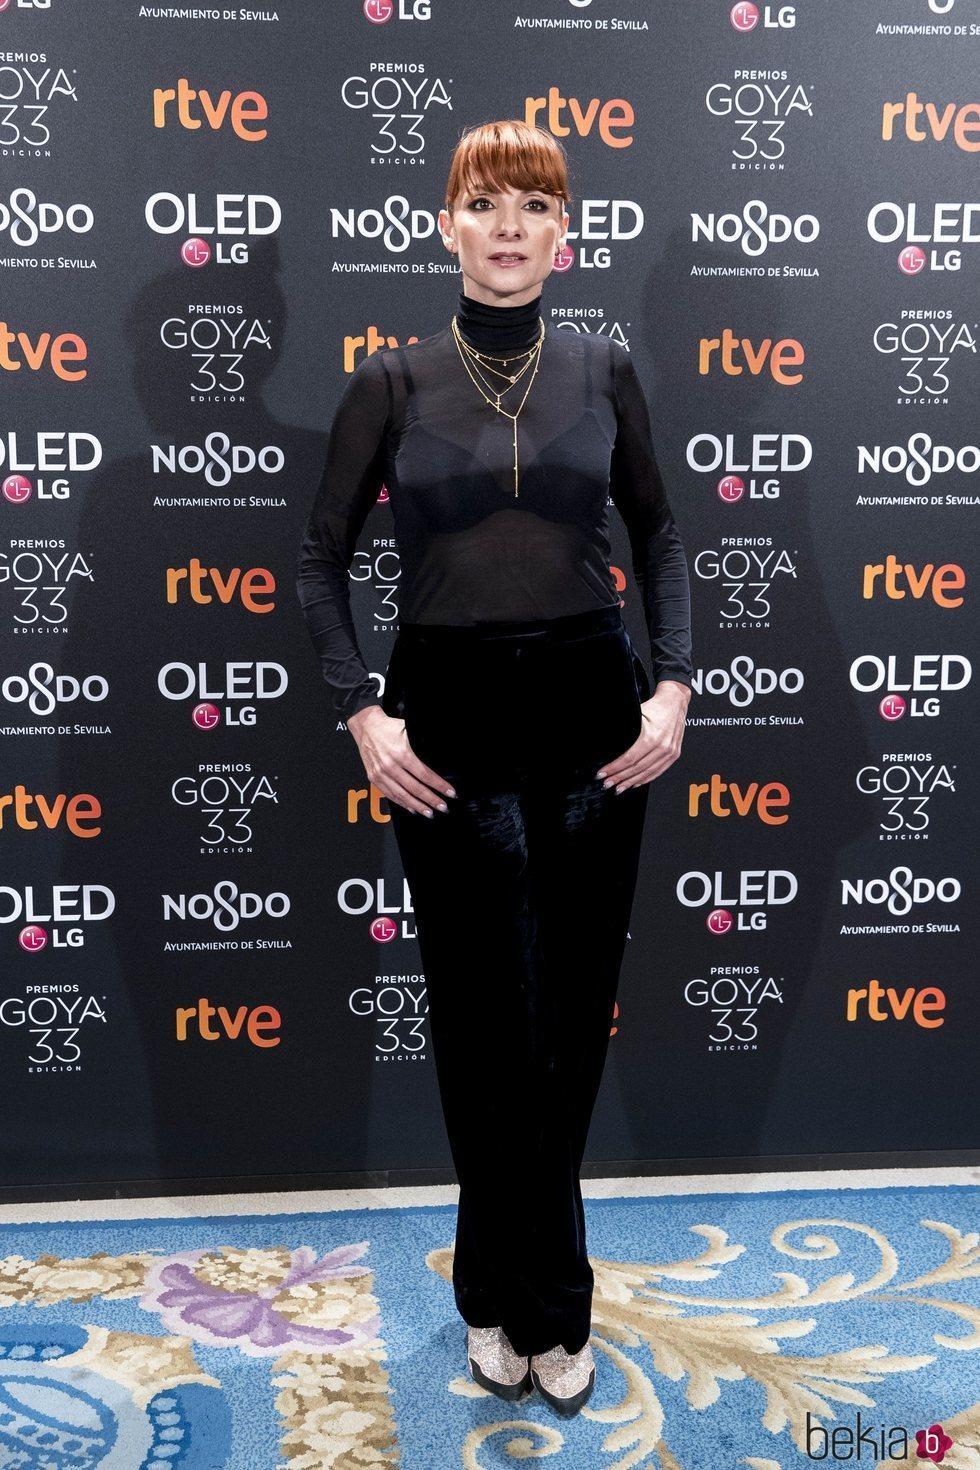 Najwa Nimri en la fiesta de nominados de los Goya 2019